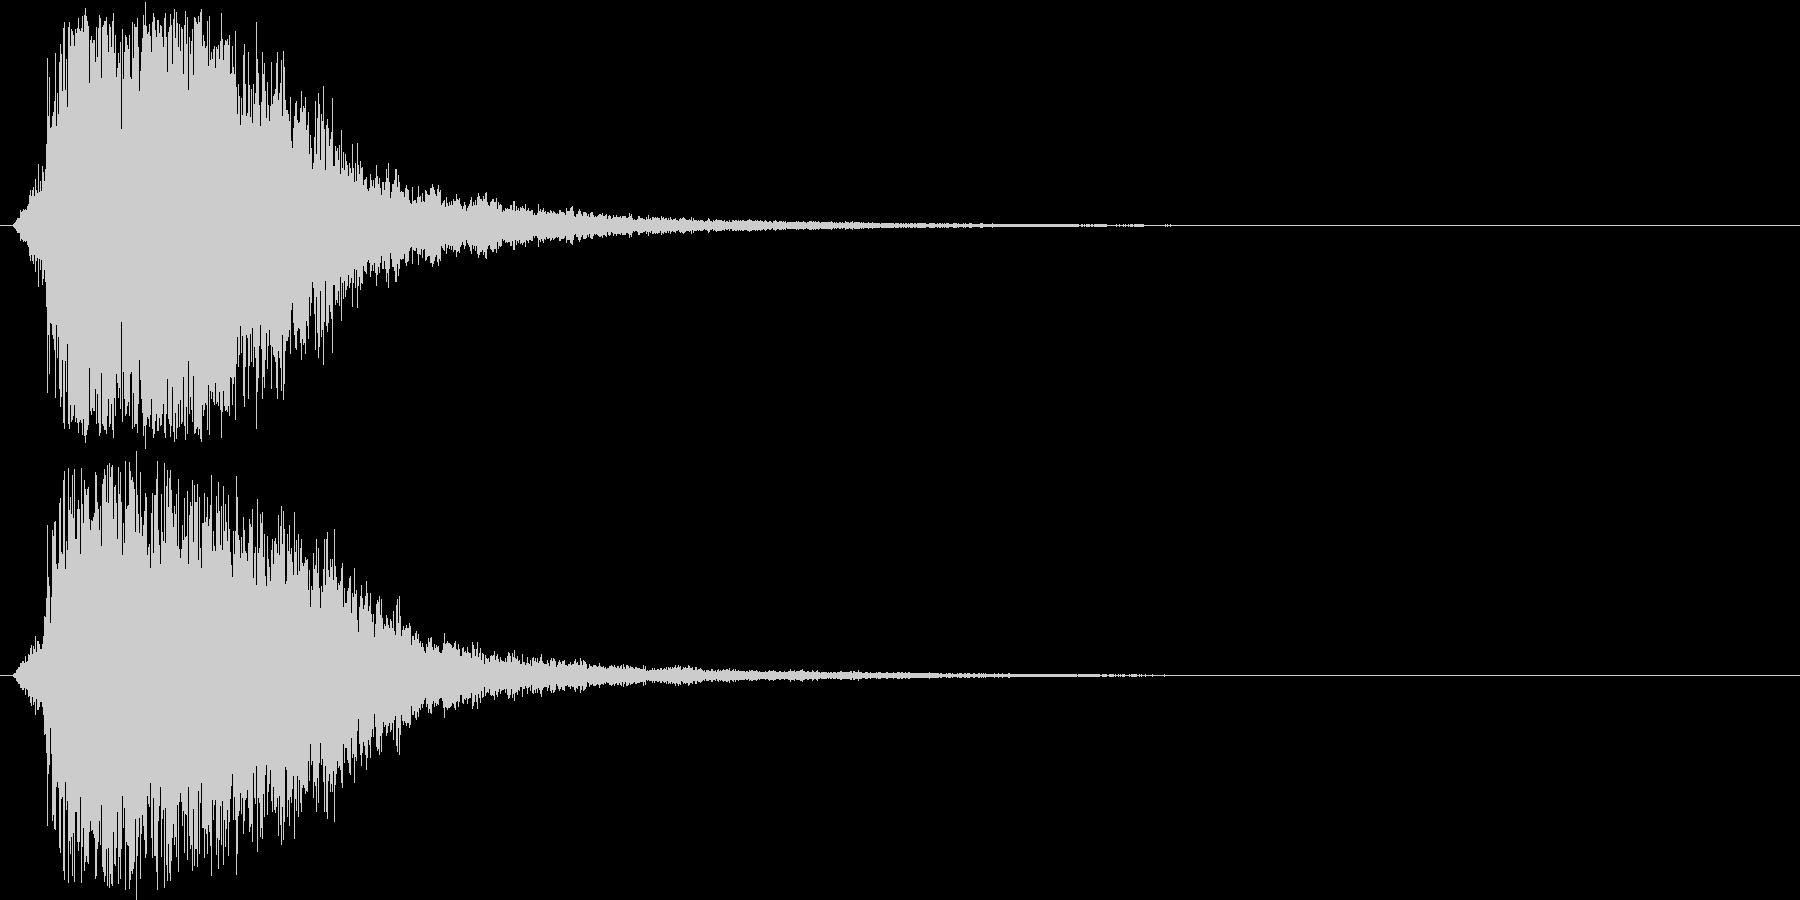 シャキーン(刀や剣のインパクト効果音)3の未再生の波形